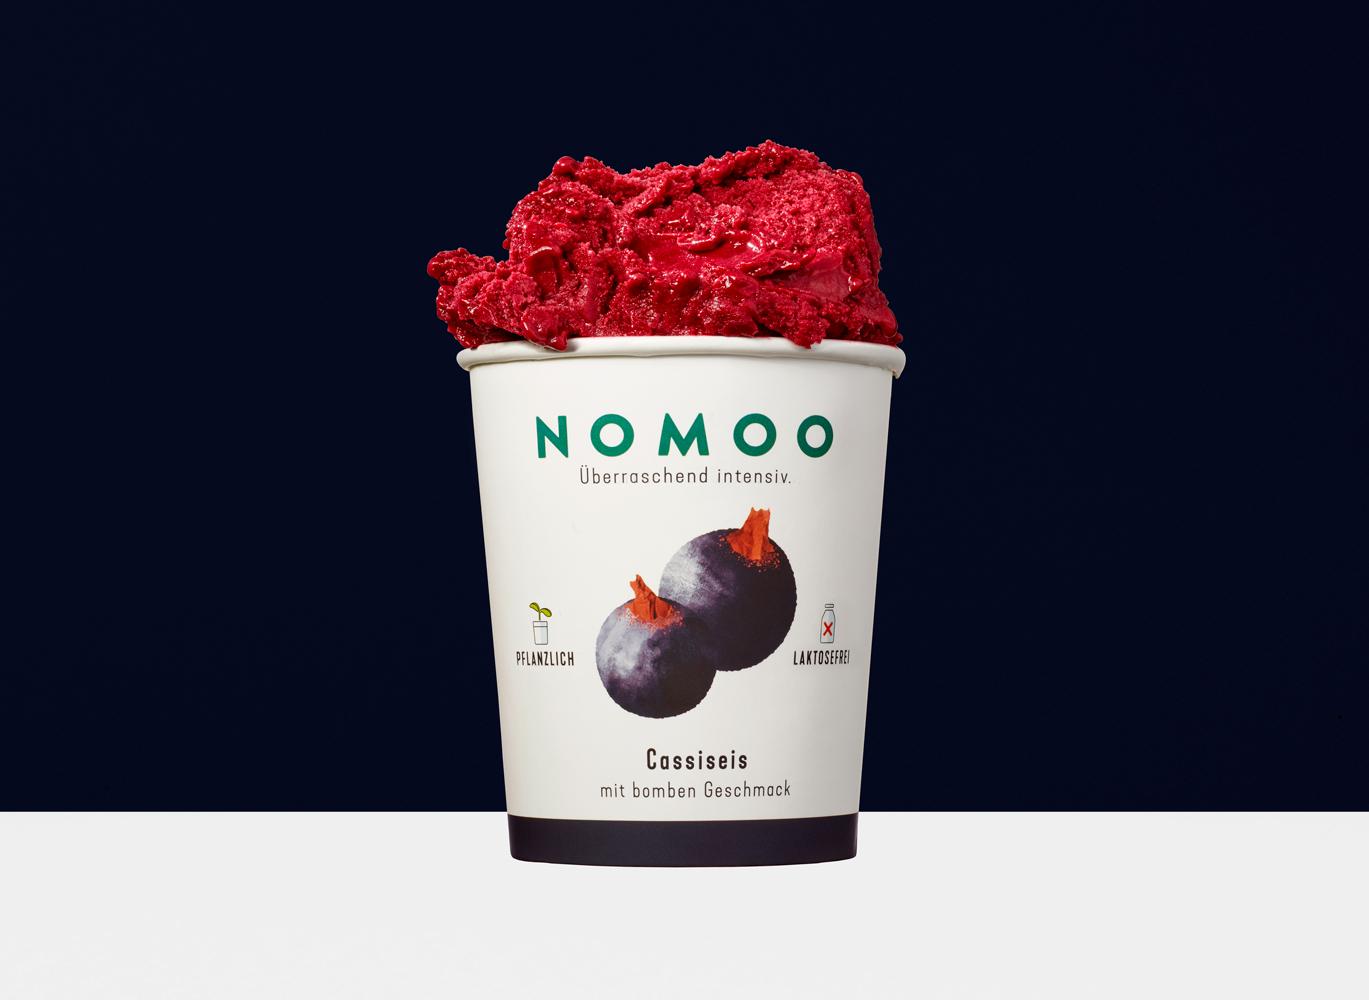 NOMOO-Cassiseis-1369w-1000h-RGB-100P-500ml.jpg